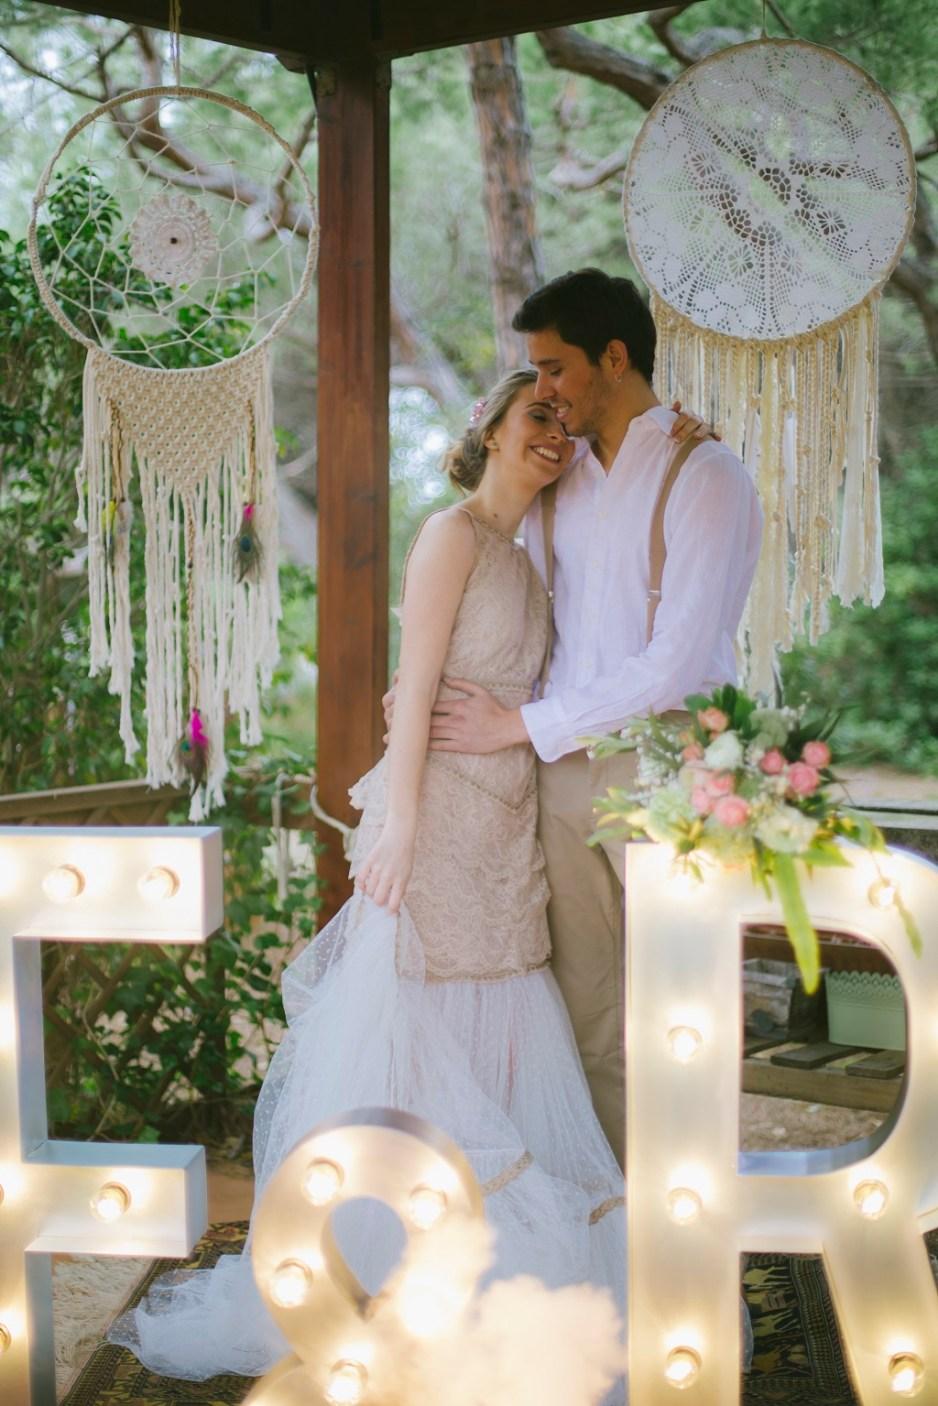 Decora tu boda con Macrame 5